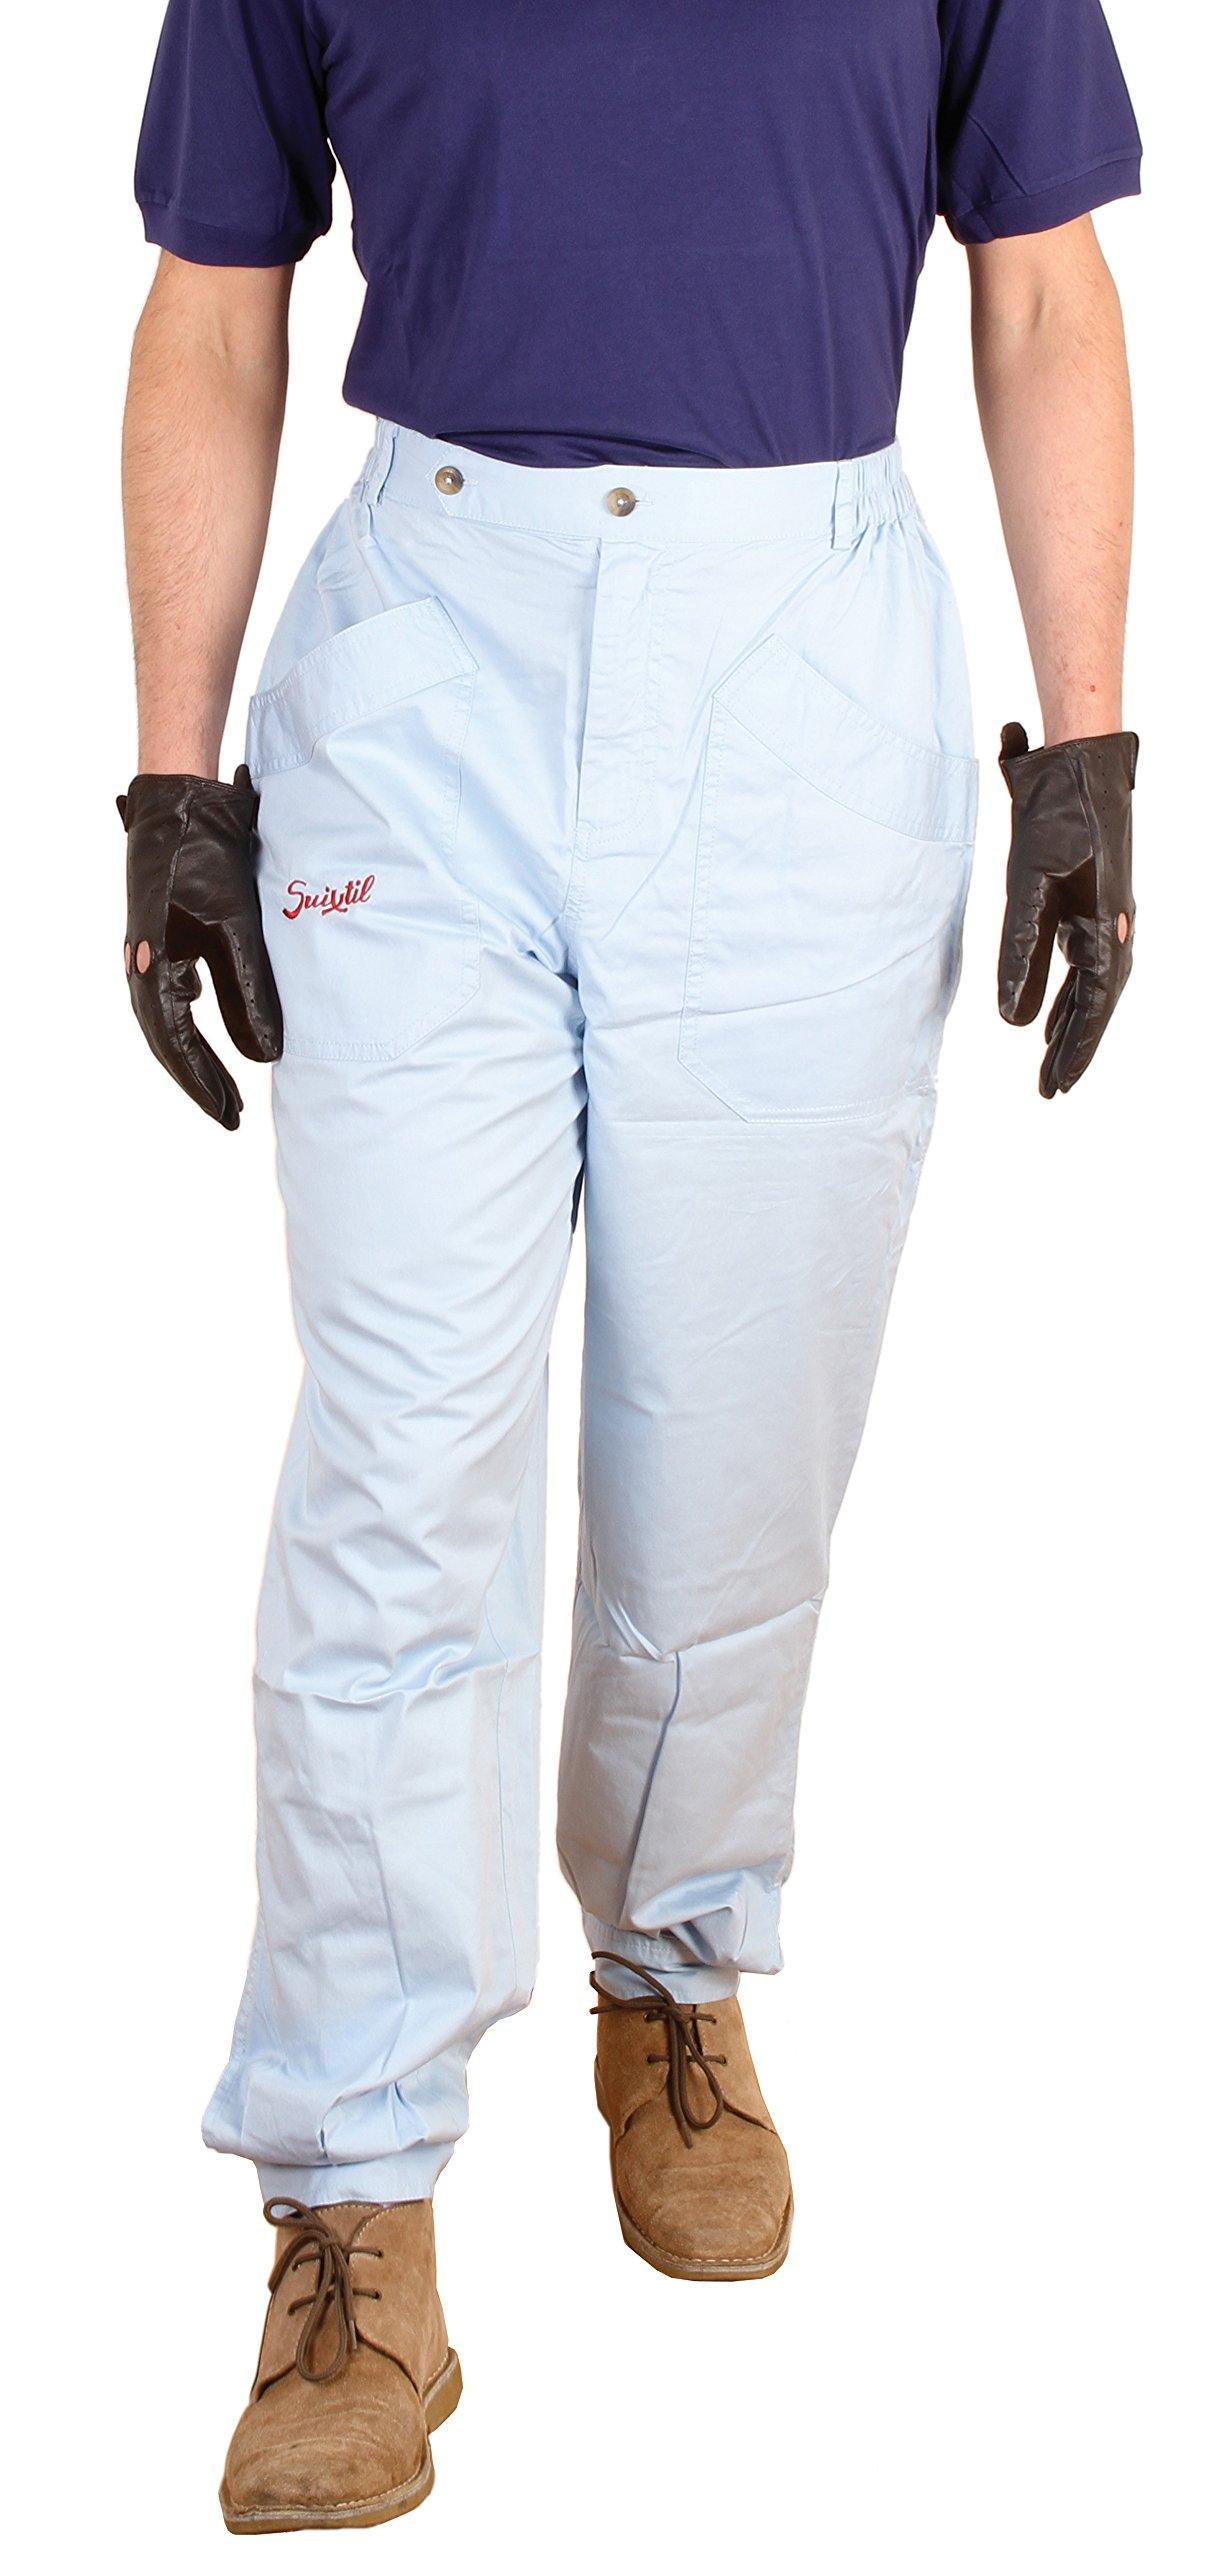 Suixtil Men's 100% Fine Cotton Twill Original Race Pant, Argentine Blue, 42/34